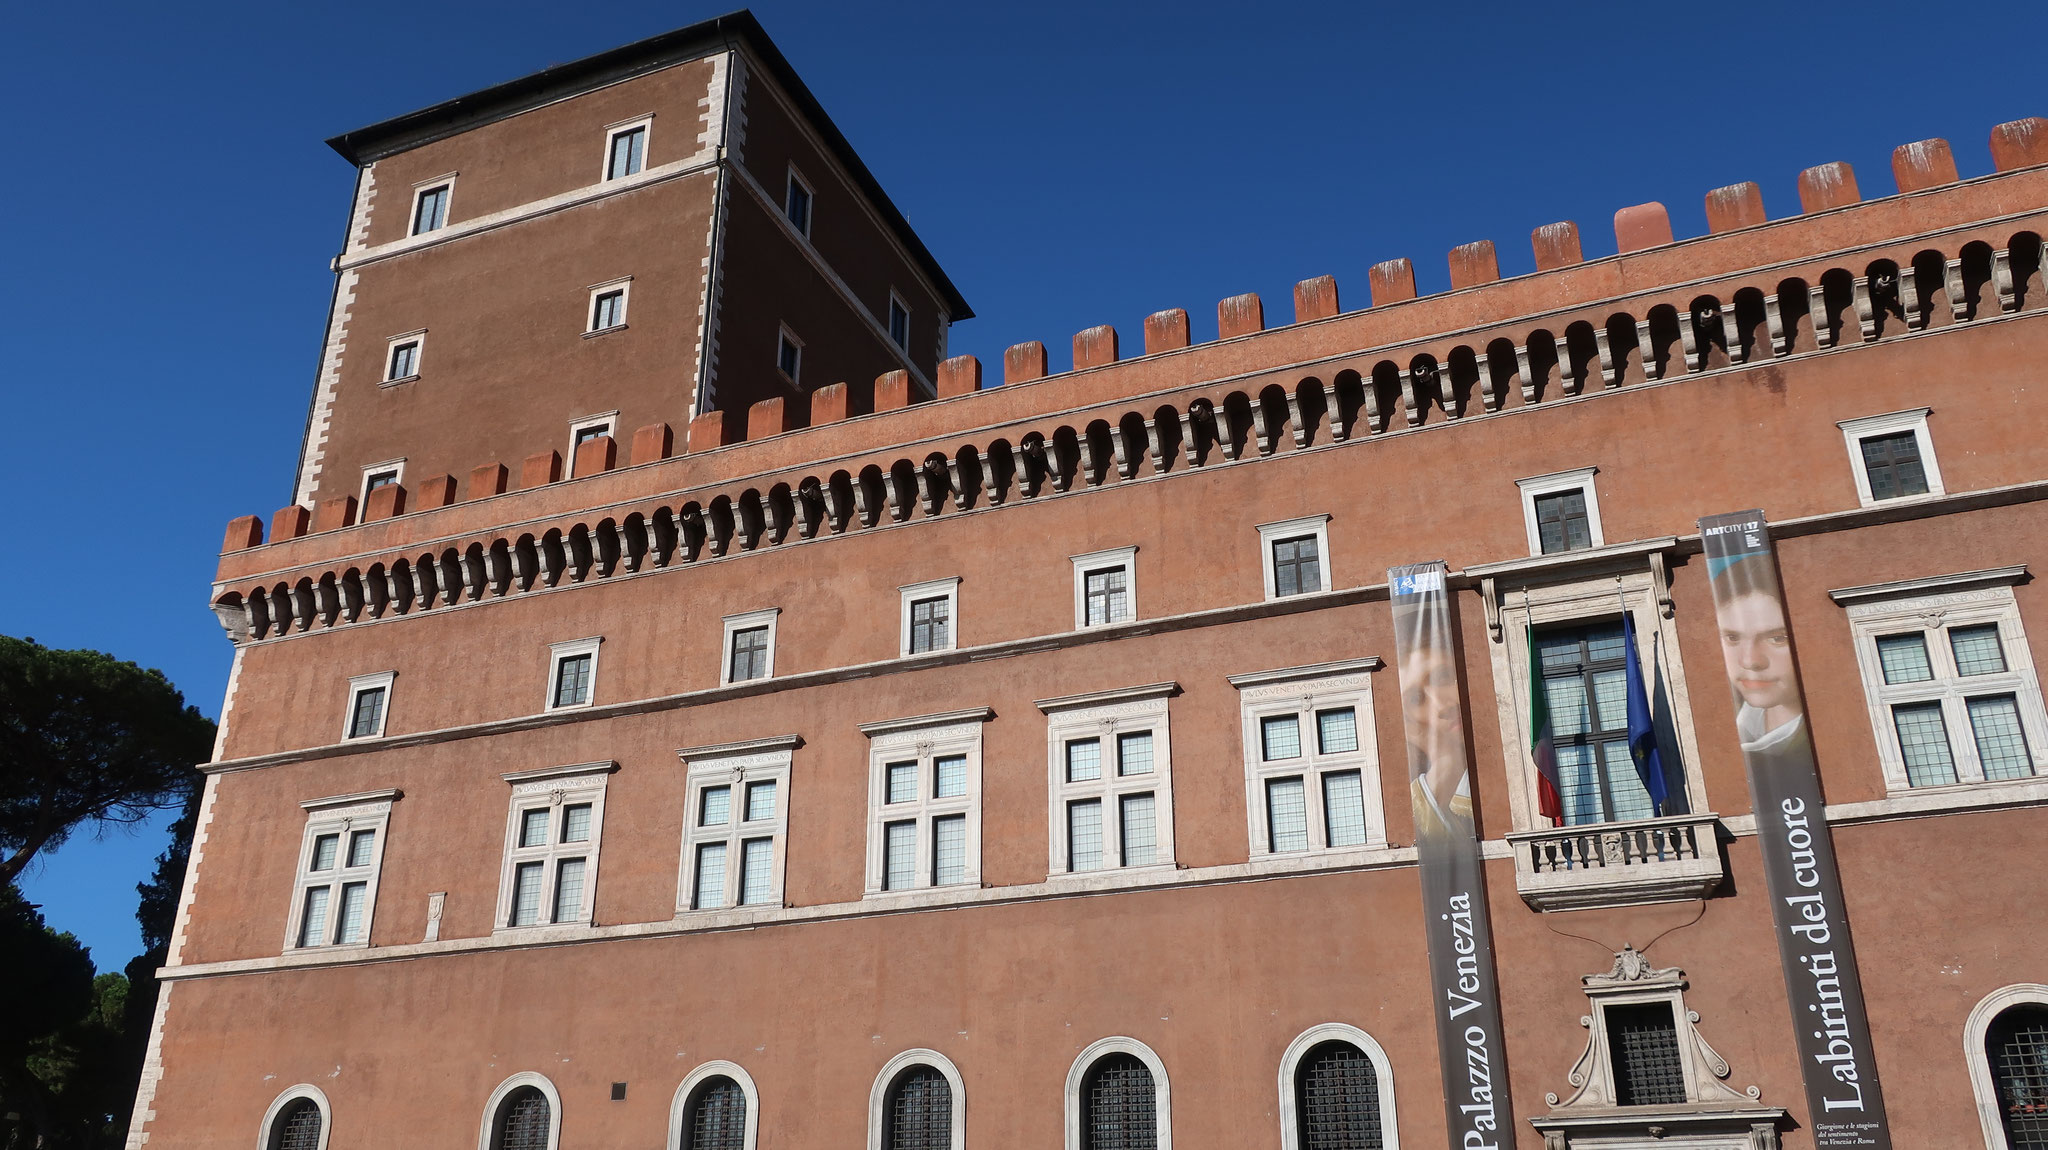 ヴェネツィア宮殿。ムッソリーニがファシスト政権の迎賓館として使いました。